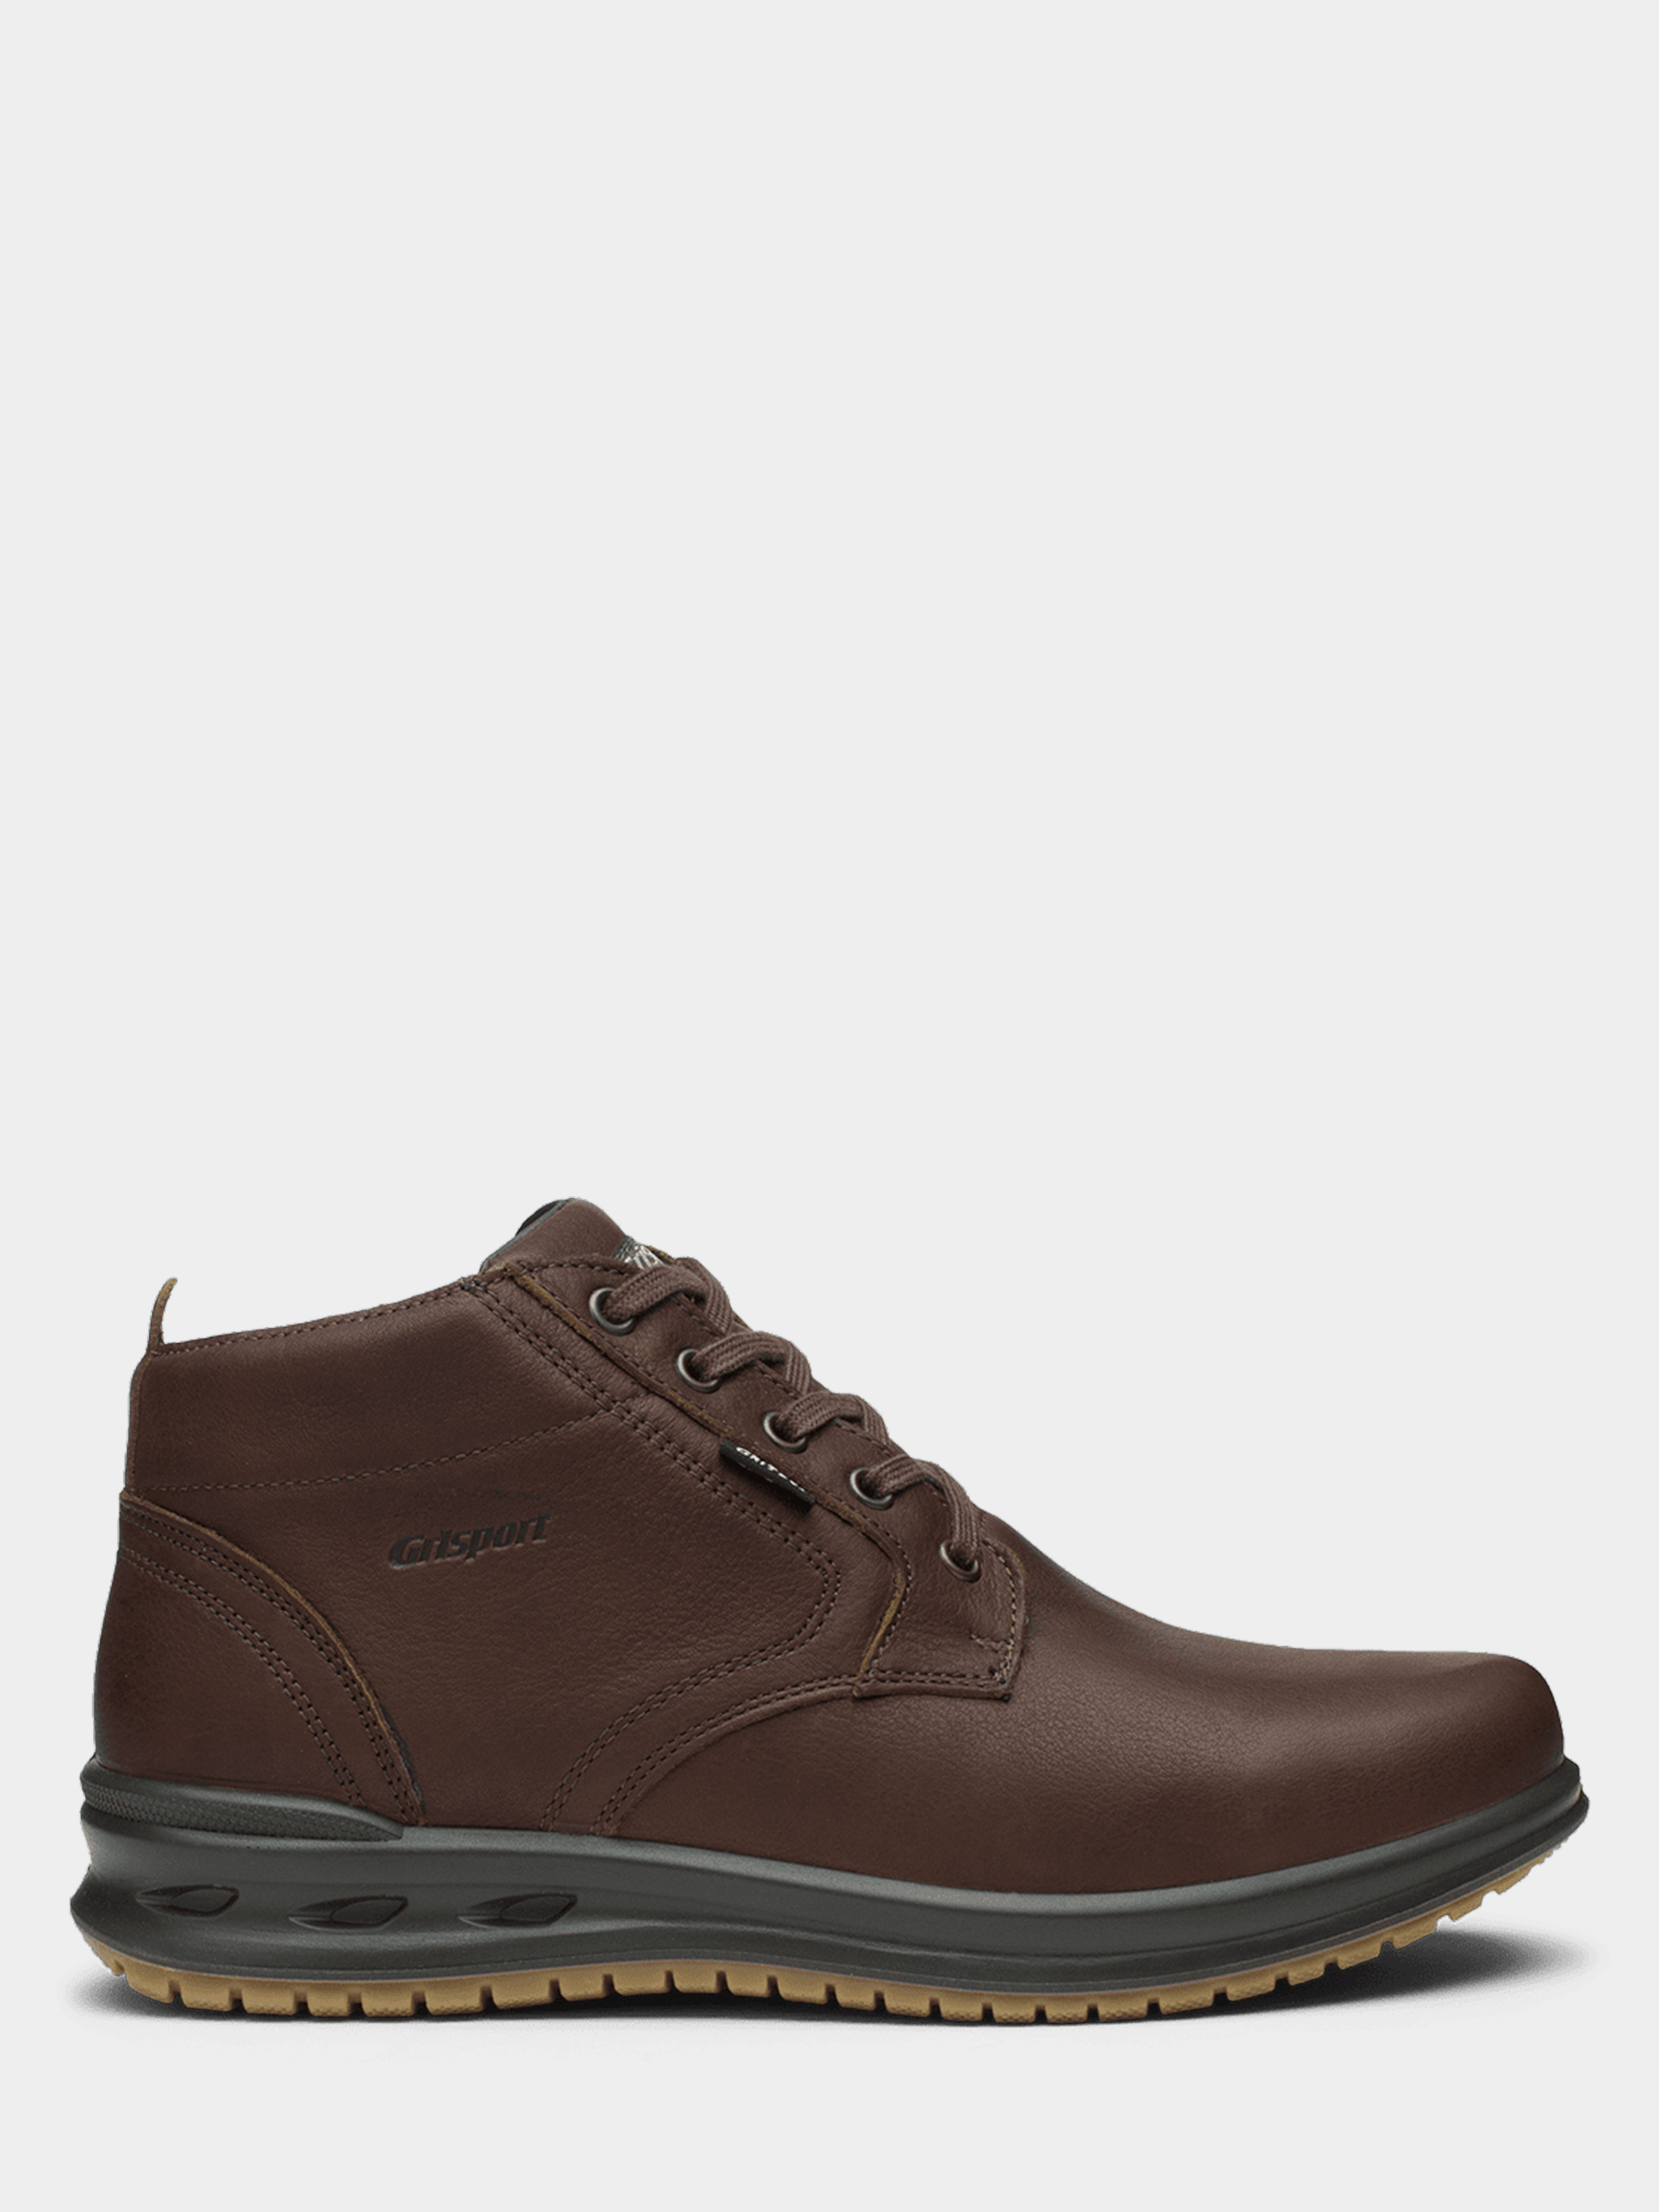 Ботинки мужские Ботинки Grisport 43015-A12 43015-A12